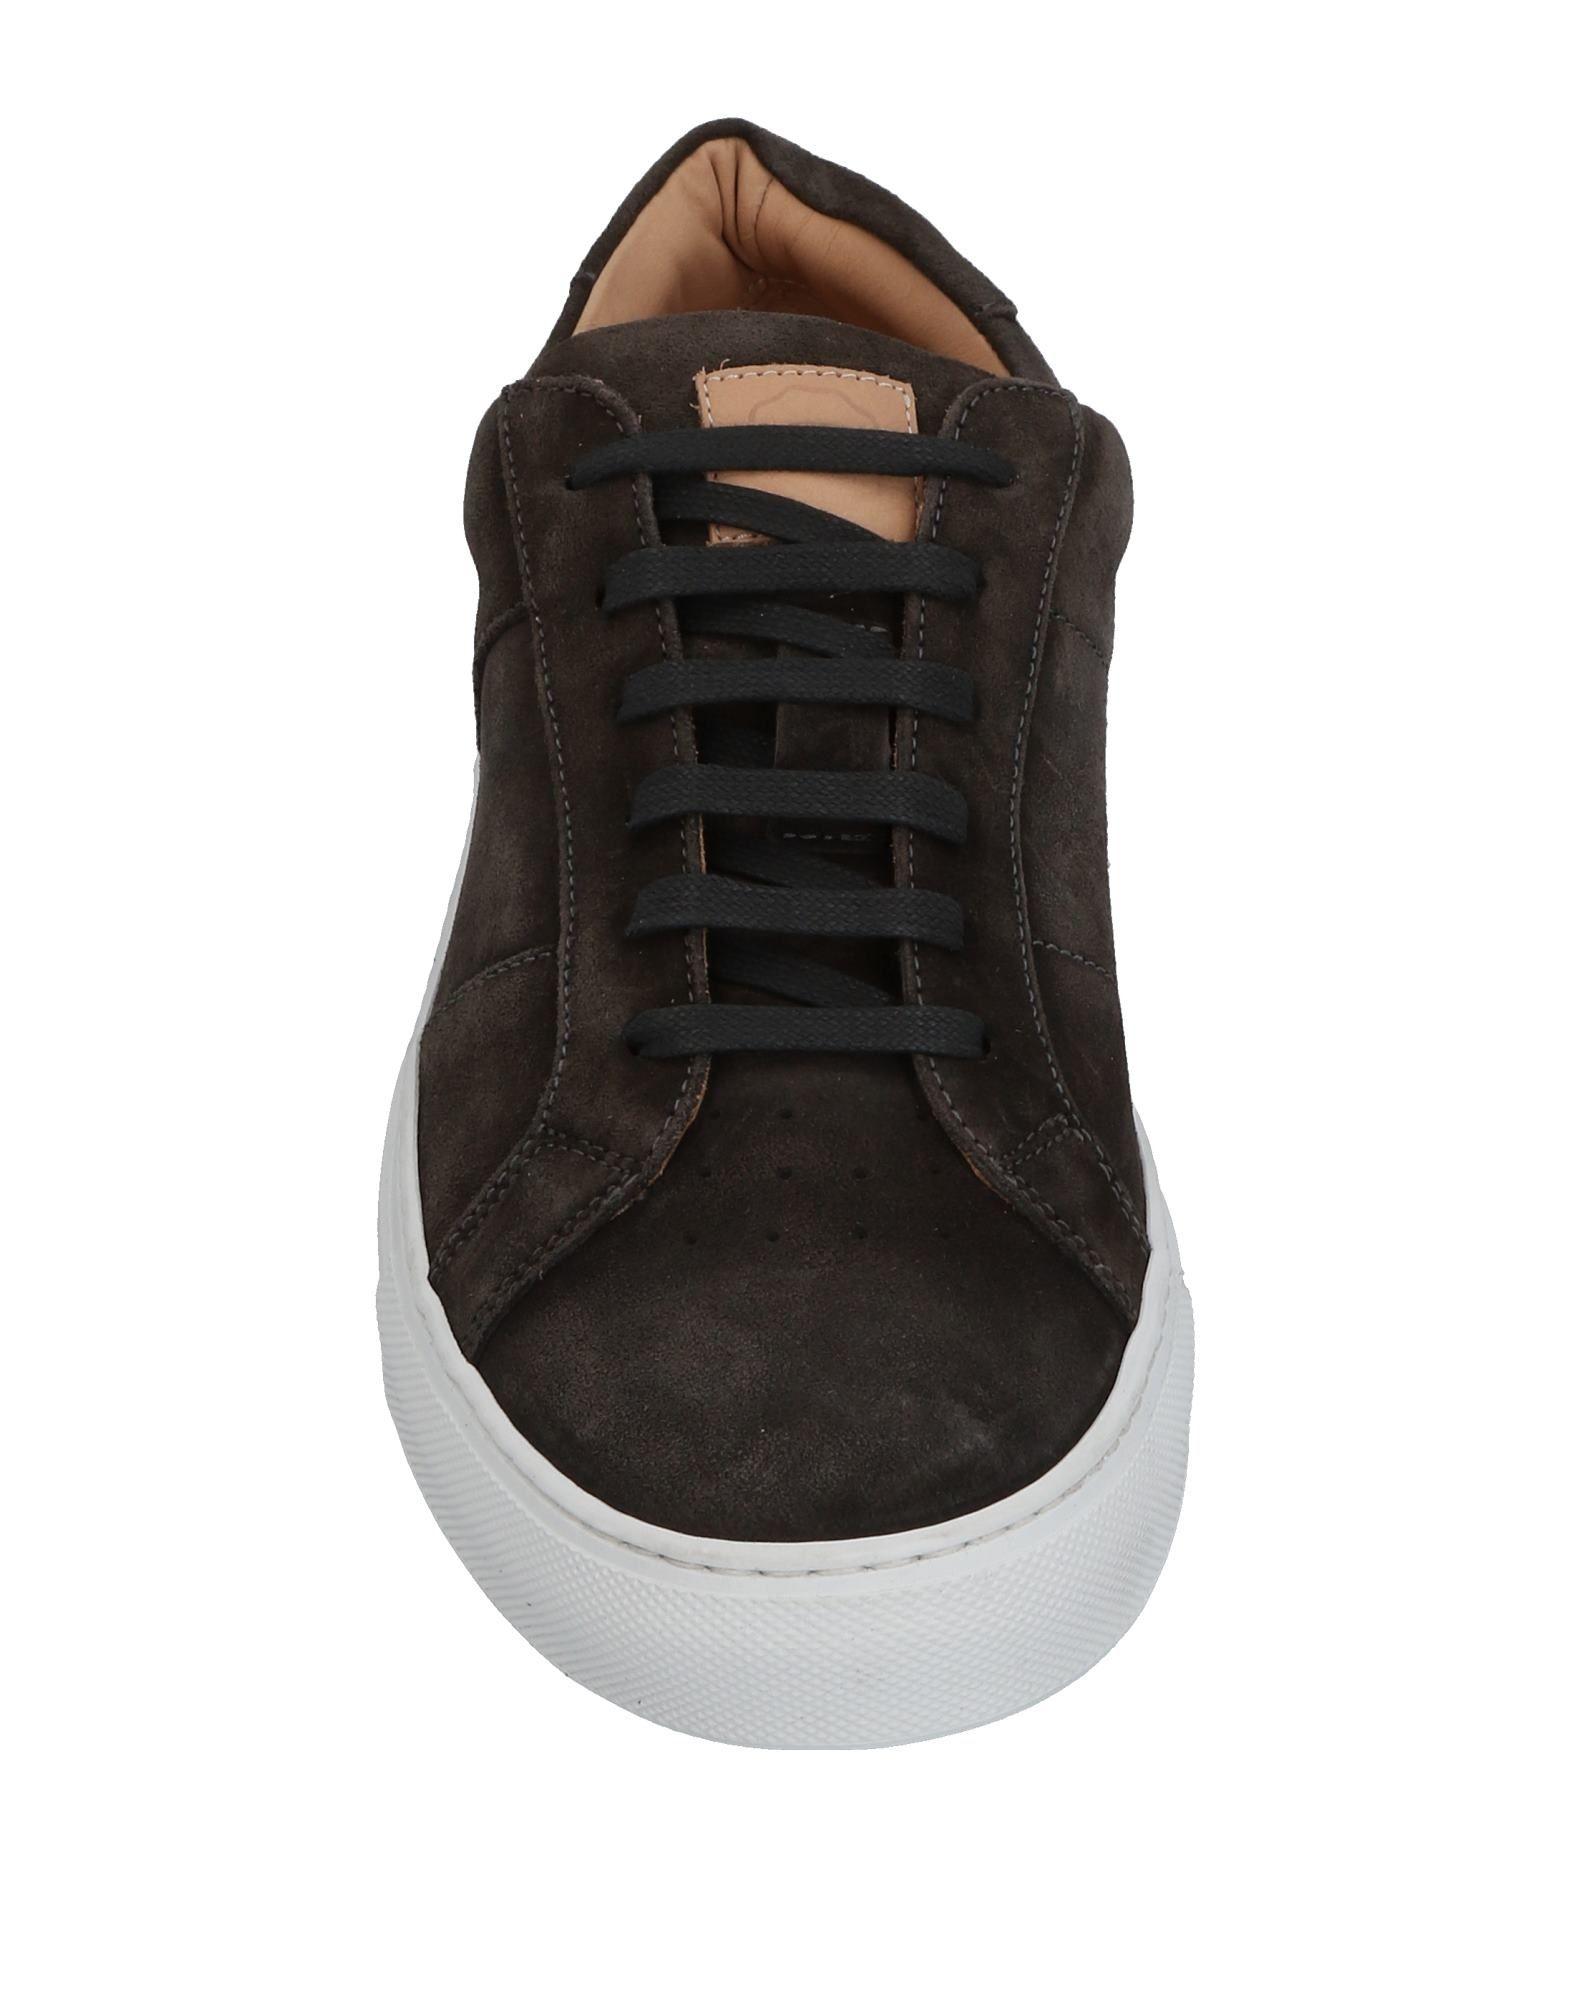 Greats Greats  Sneakers Herren  11461341KV b2ead2